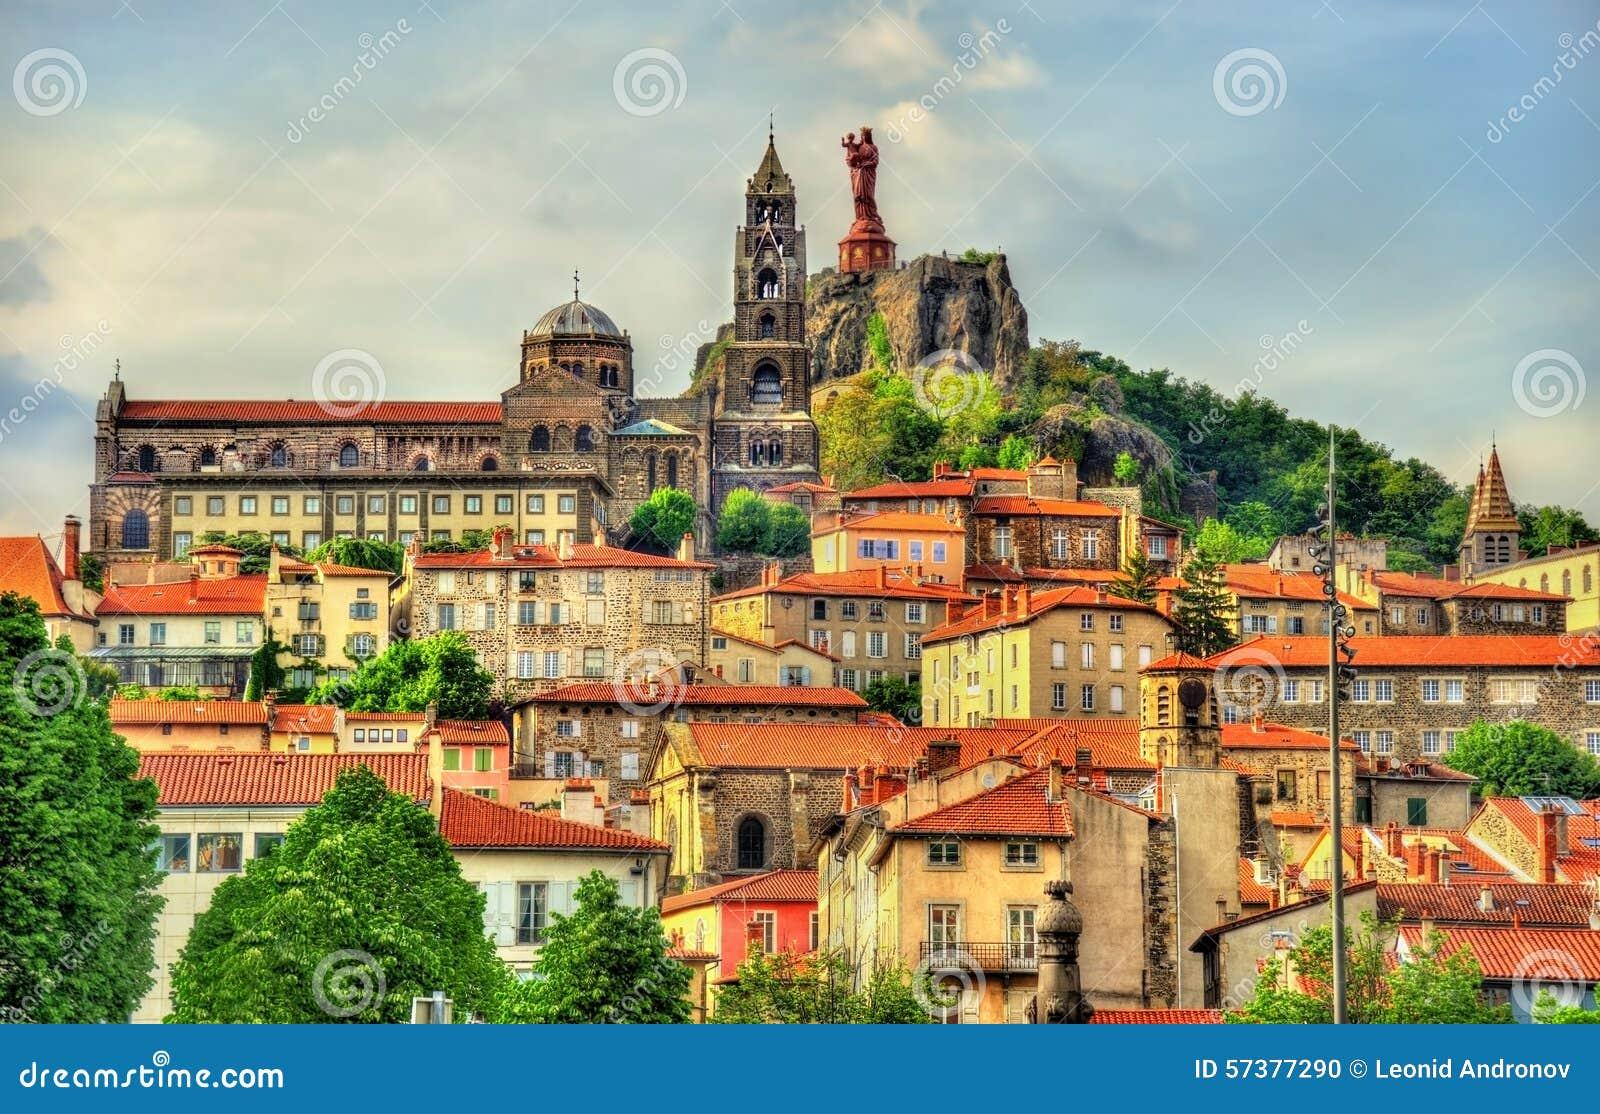 Architecte Le Puy En Velay view of le puy-en-velay, a town in haute-loire stock photo